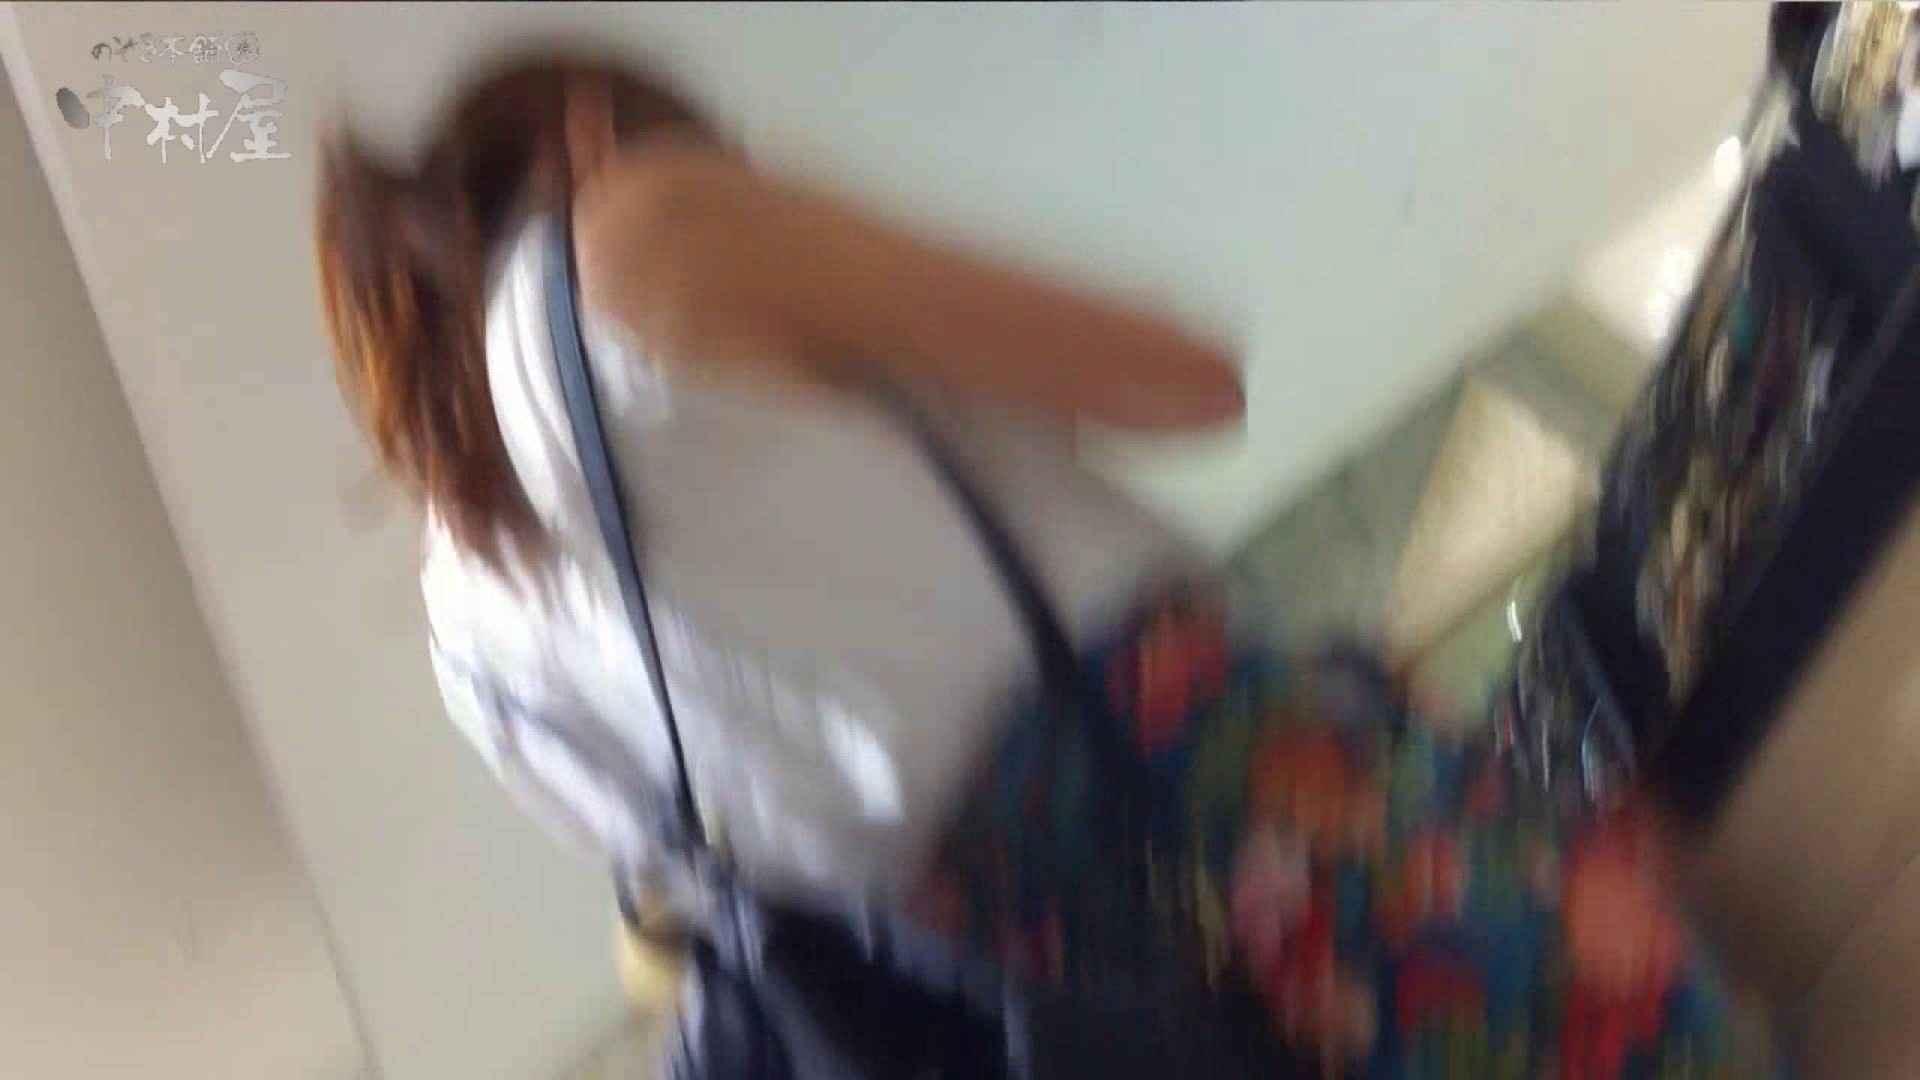 vol.74 美人アパレル胸チラ&パンチラ ブカブカセーターあざっす! 胸チラ 盗撮戯れ無修正画像 82画像 59